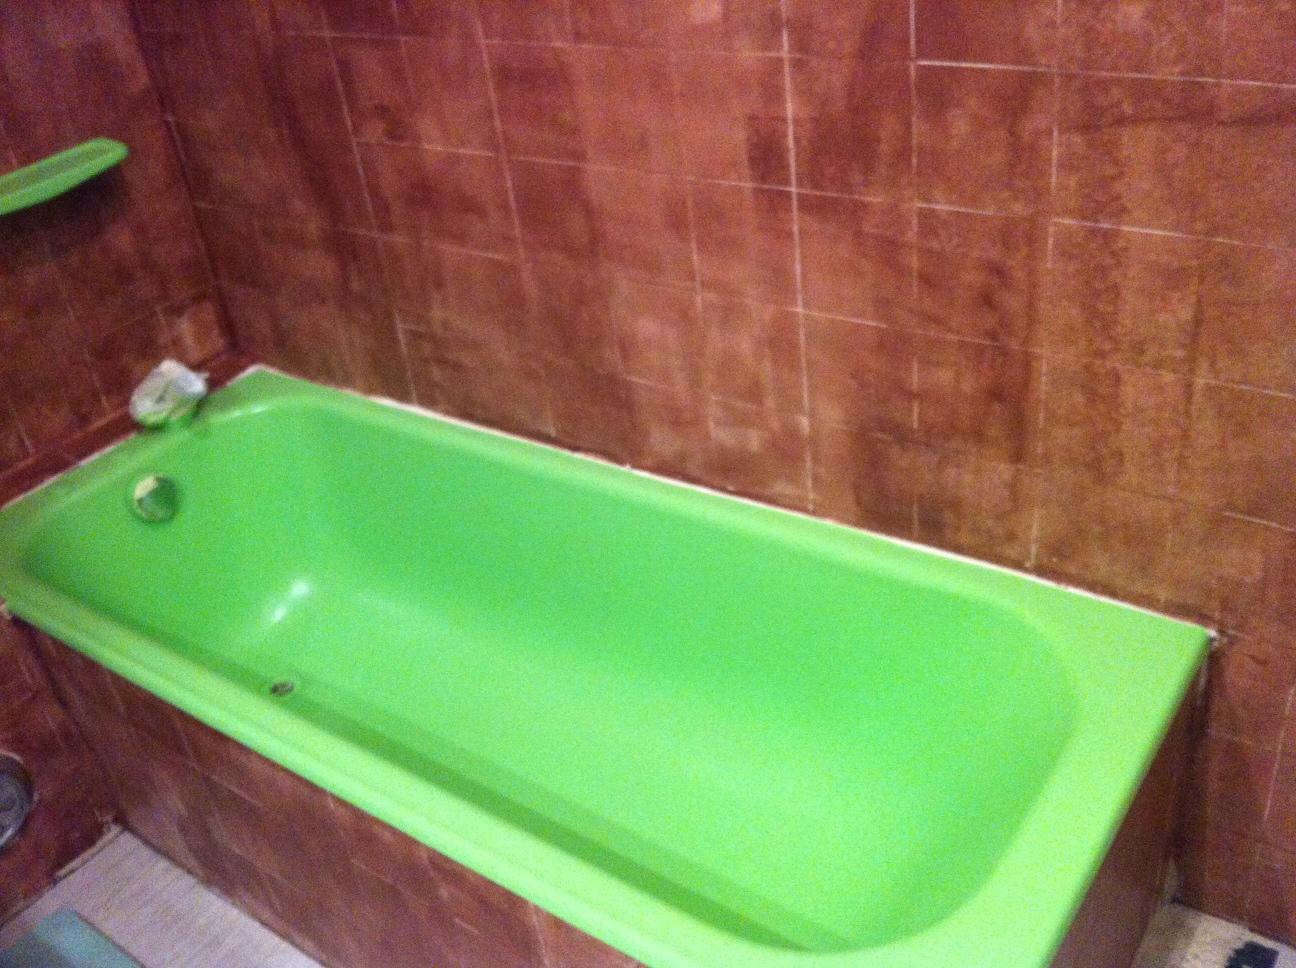 baignoire sabot pas cher cool petites baignoires et. Black Bedroom Furniture Sets. Home Design Ideas